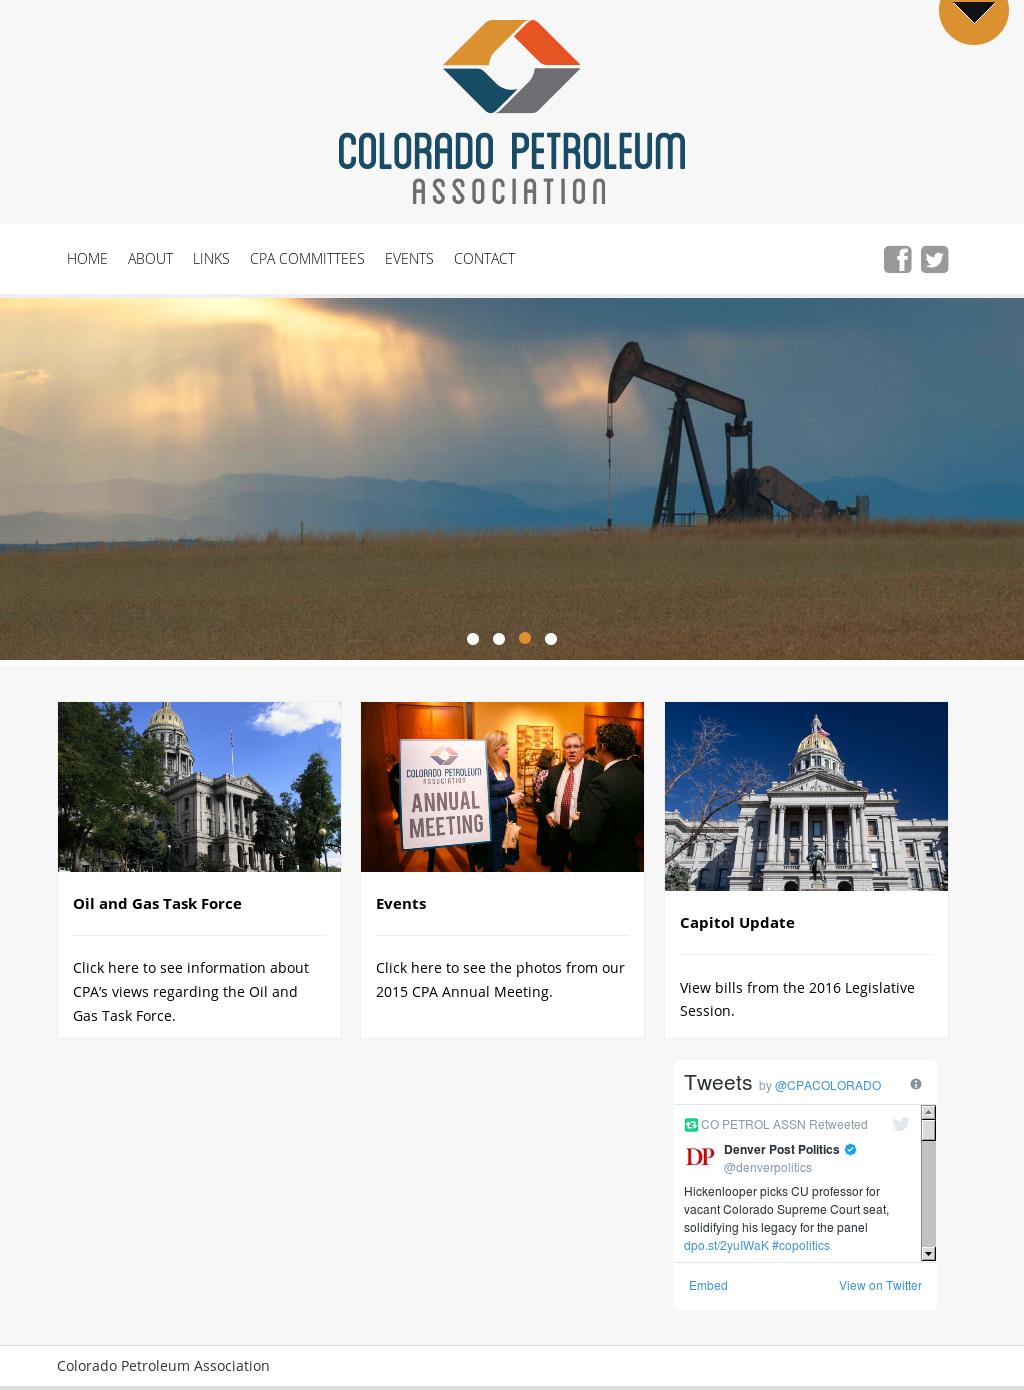 Colorado Petroleum Association Competitors, Revenue and